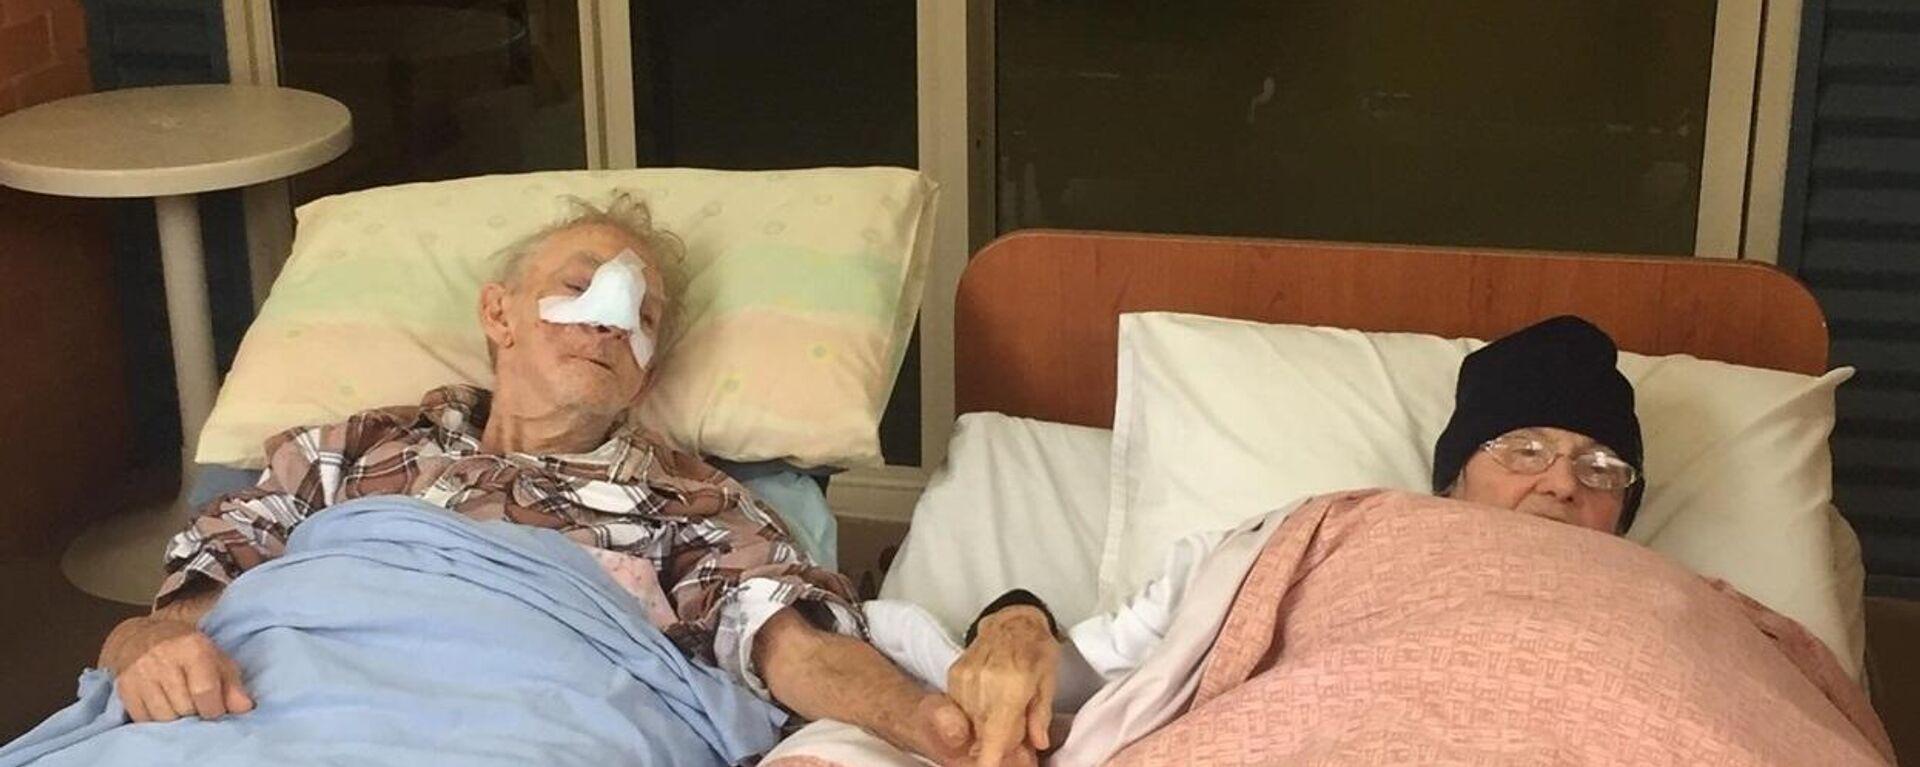 Η τελευταία επιθυμία ετοιμοθάνατου ηλικιωμένου να δει τη γυναίκα του - Sputnik Ελλάδα, 1920, 06.07.2021